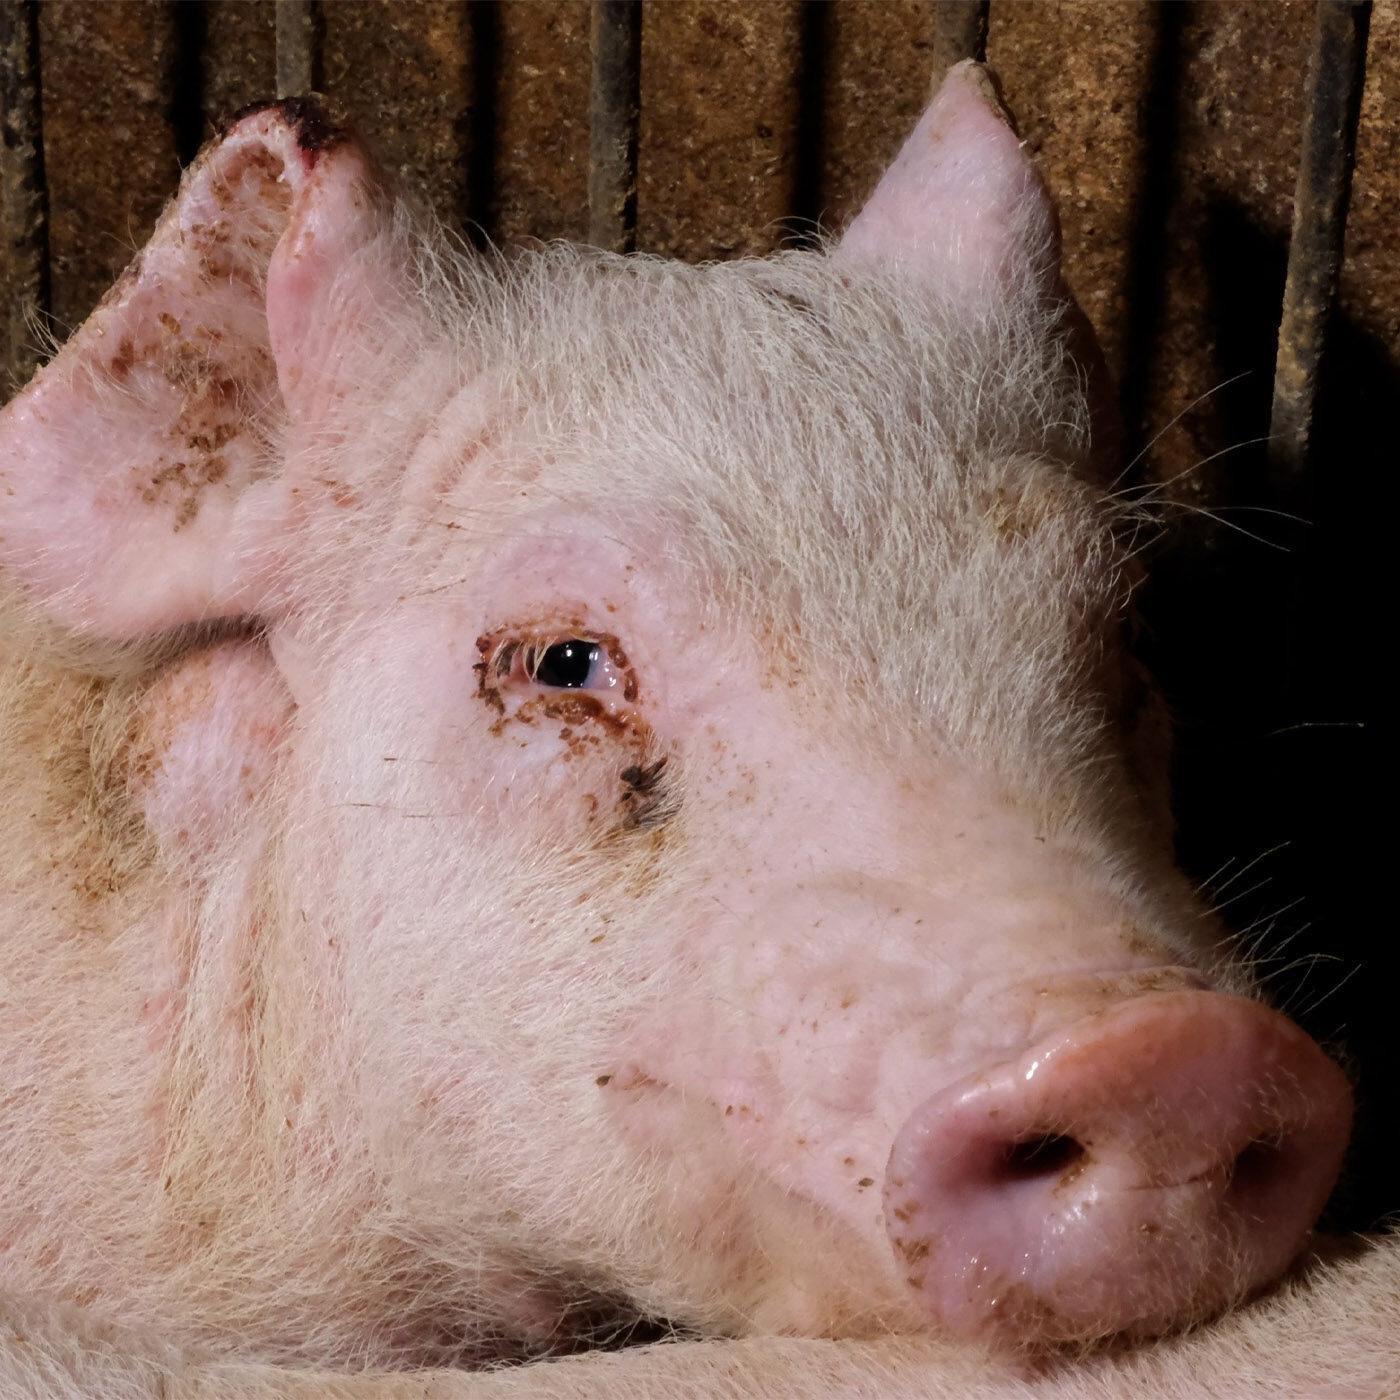 Bompieri allevamento maiali